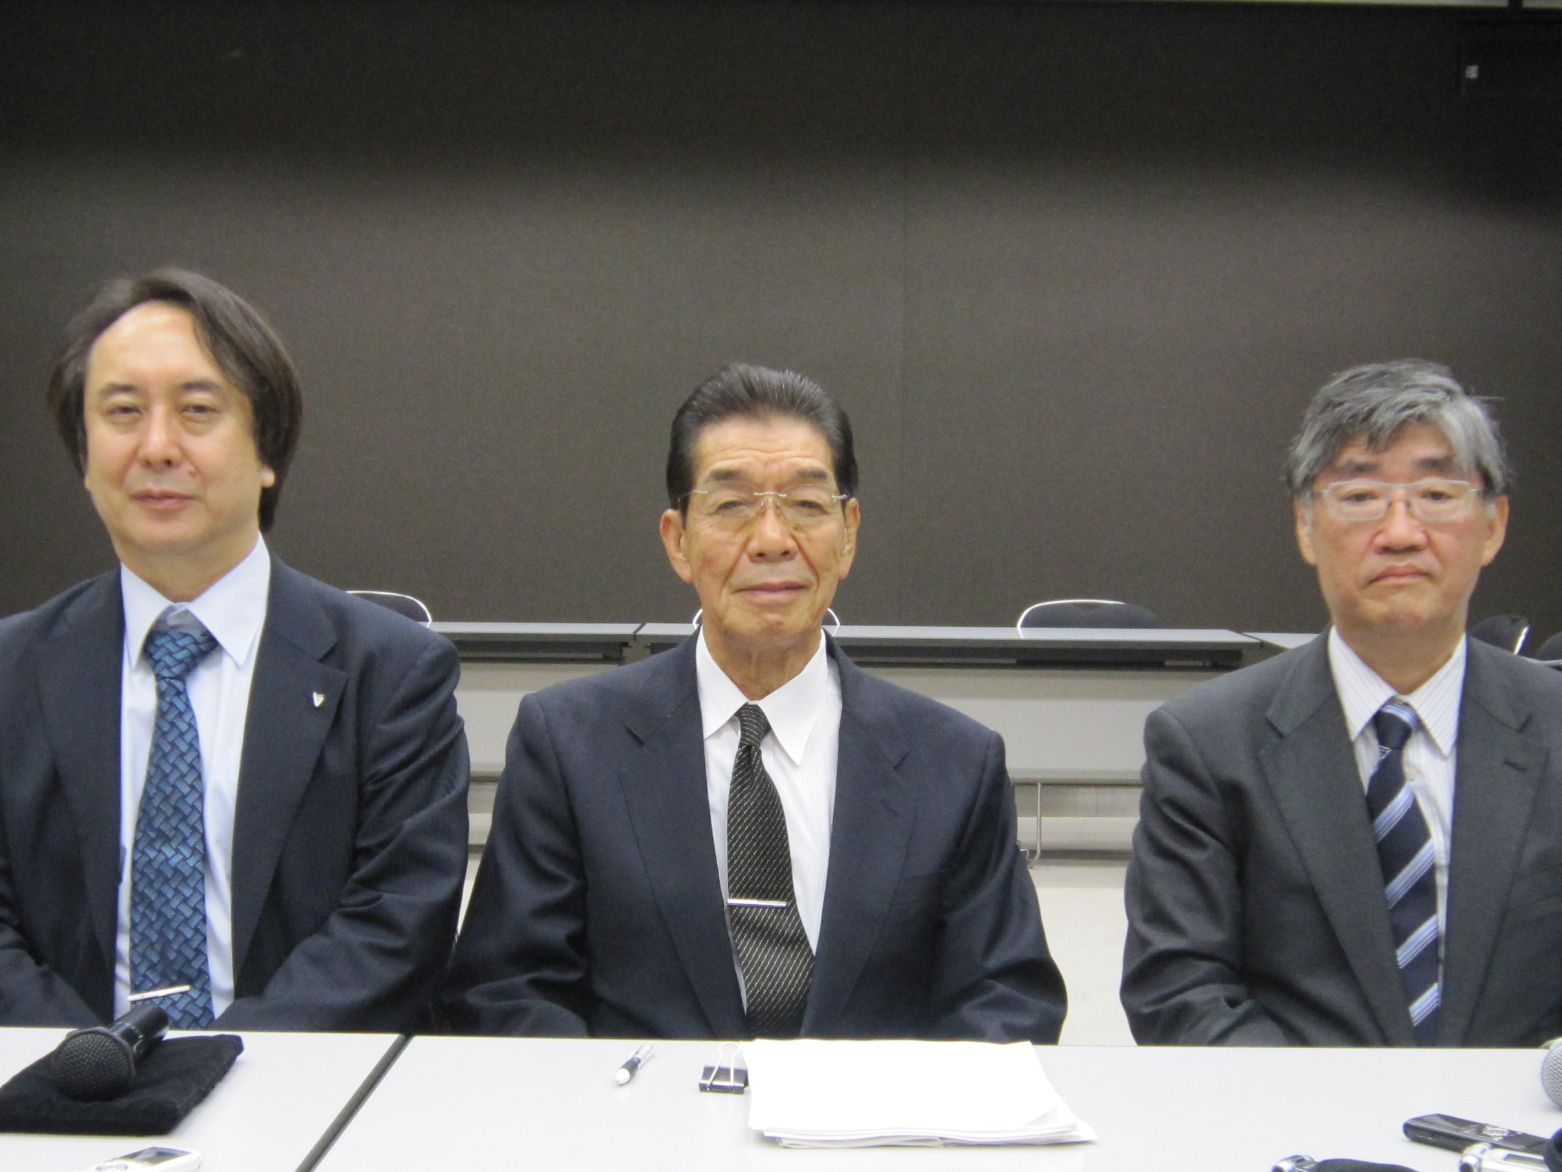 7月4日に日本専門医機構の理事長に選任された吉村博邦氏(地域医療振興協会顧問、北里大学名誉教授、中央)と、山下英俊副理事長(山形大学医学部長、向かって右)と松原謙二副理事長(日本医師会副会長、向かって左)